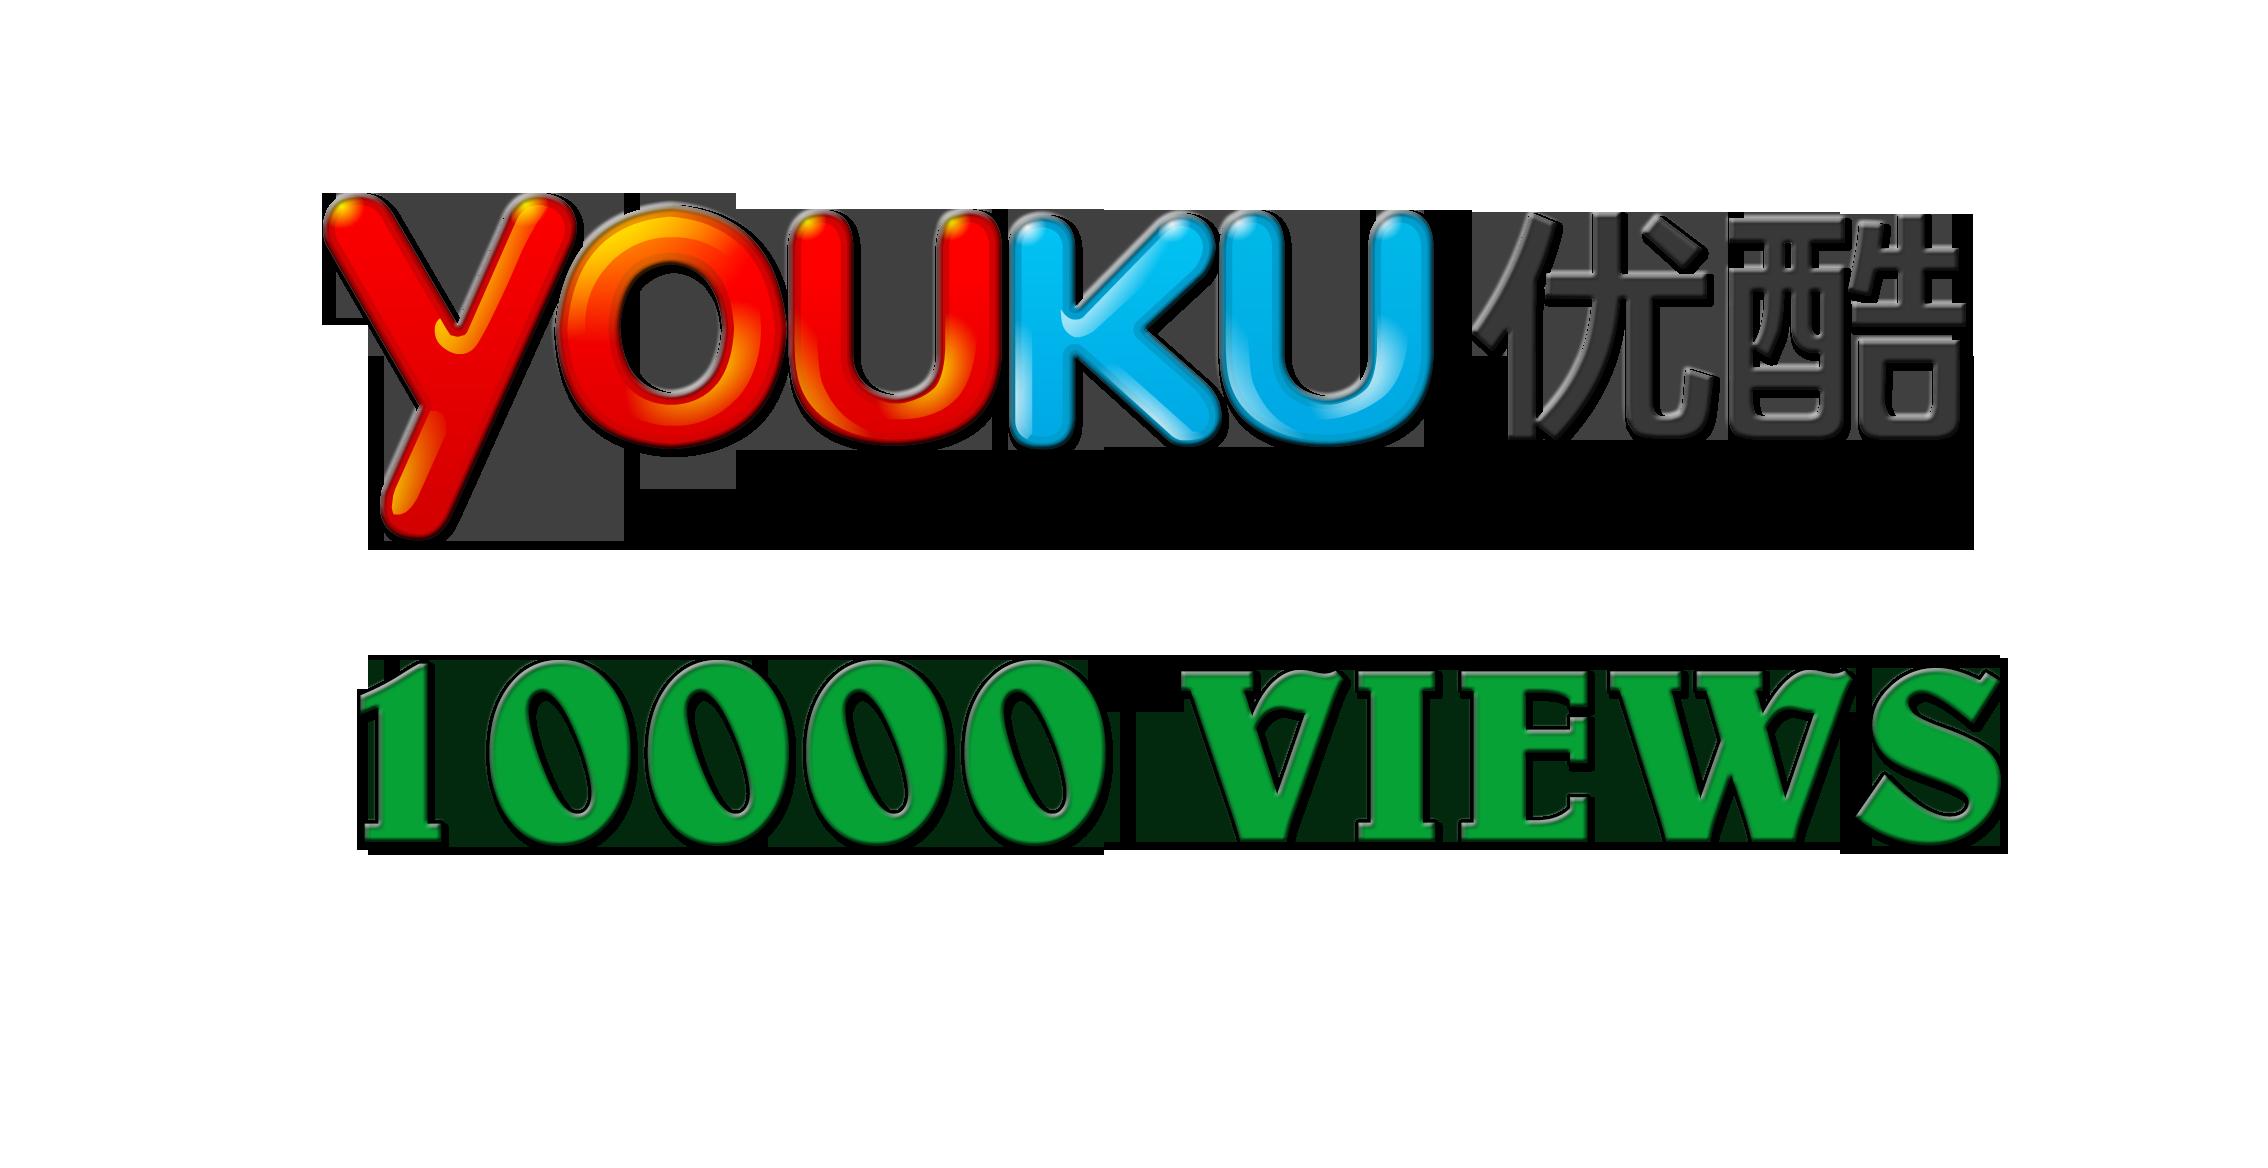 Add 500 Youku views